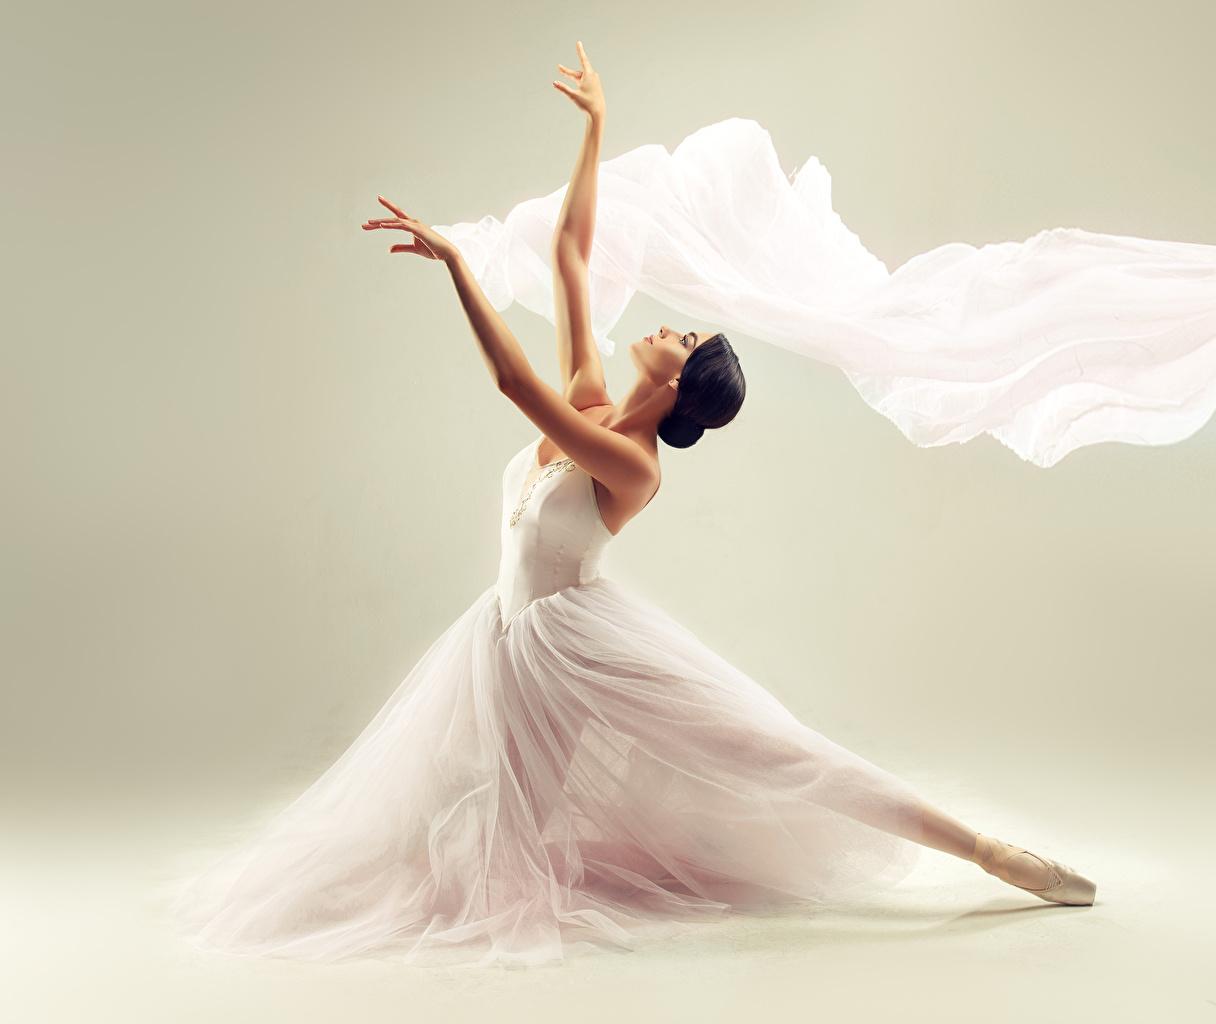 Картинки брюнеток Балет Девушки рука Платье Брюнетка брюнетки балете балета девушка молодые женщины молодая женщина Руки платья